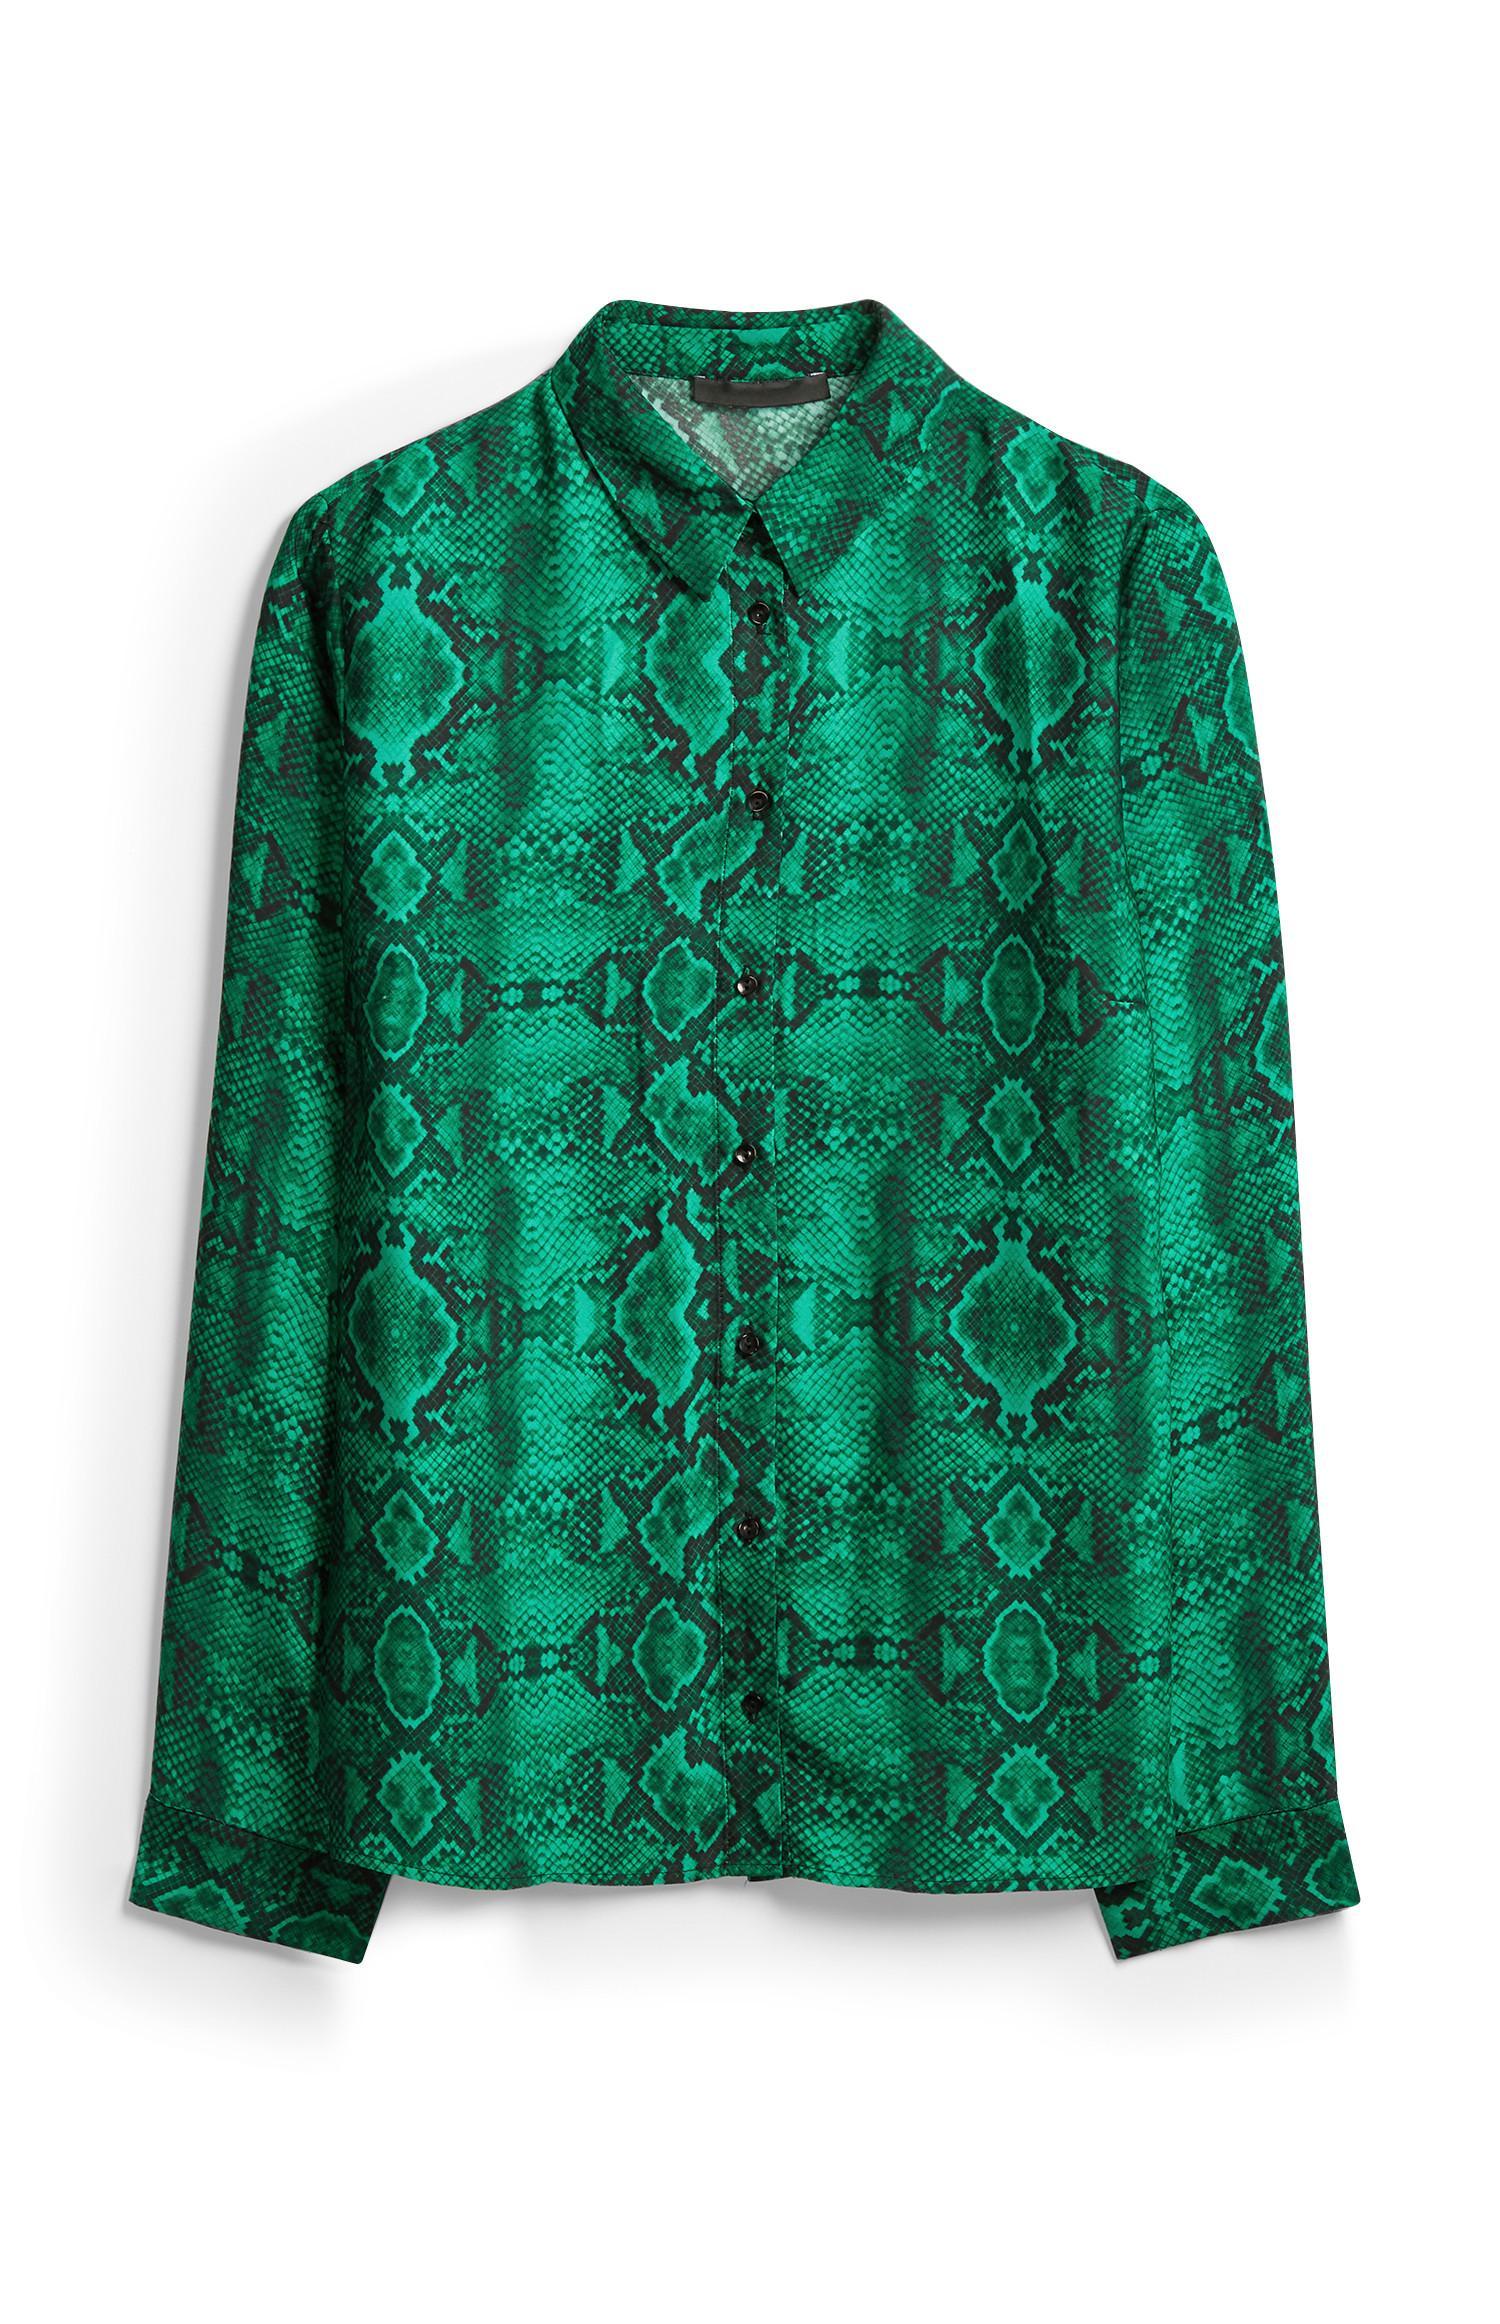 Grüne Bluse mit Schlangenmuster